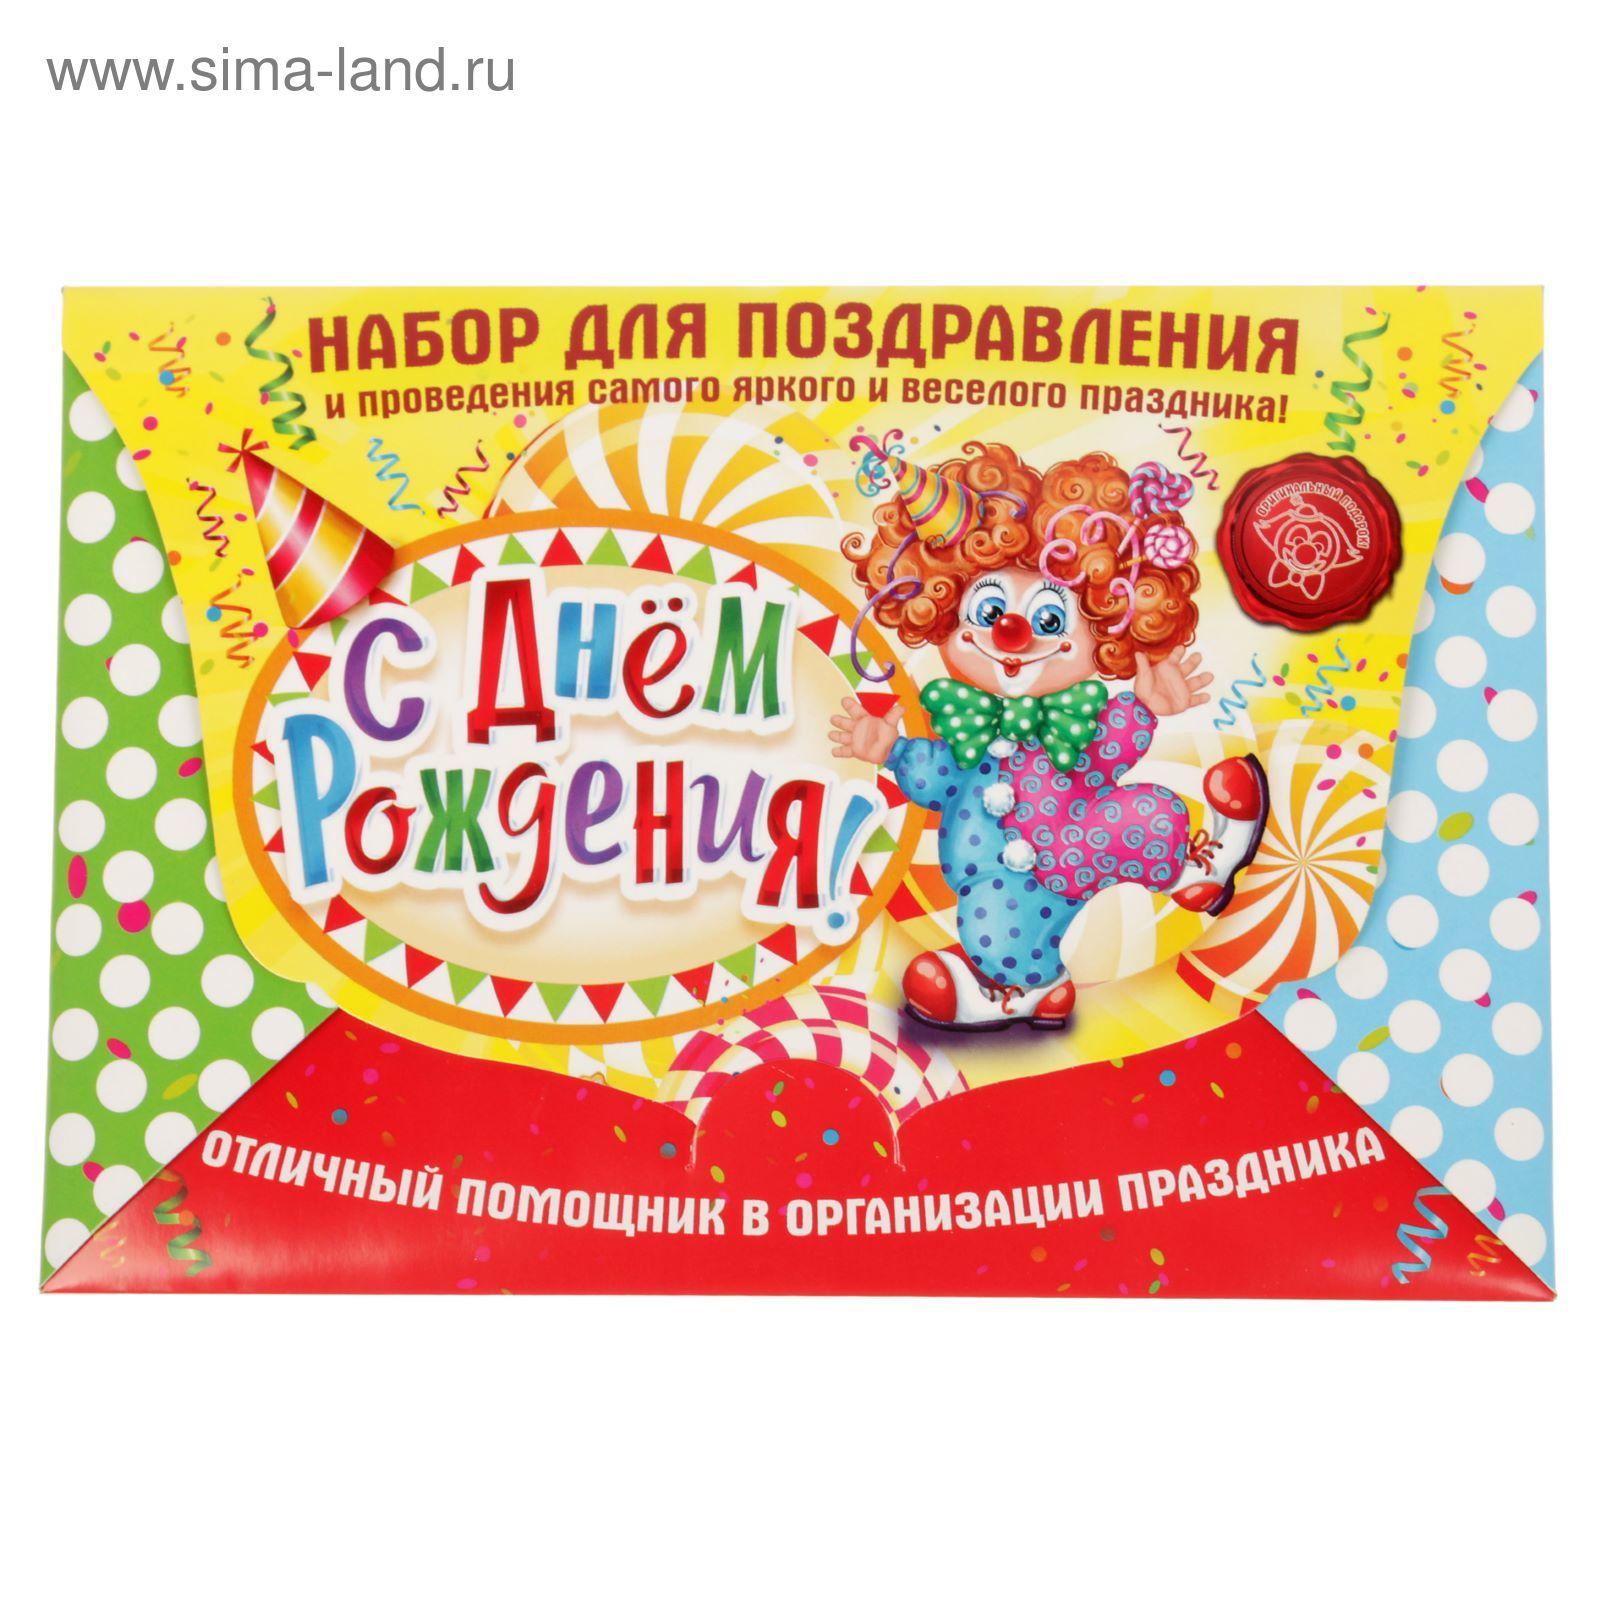 Открытка цирк с днем рождения, черепашки